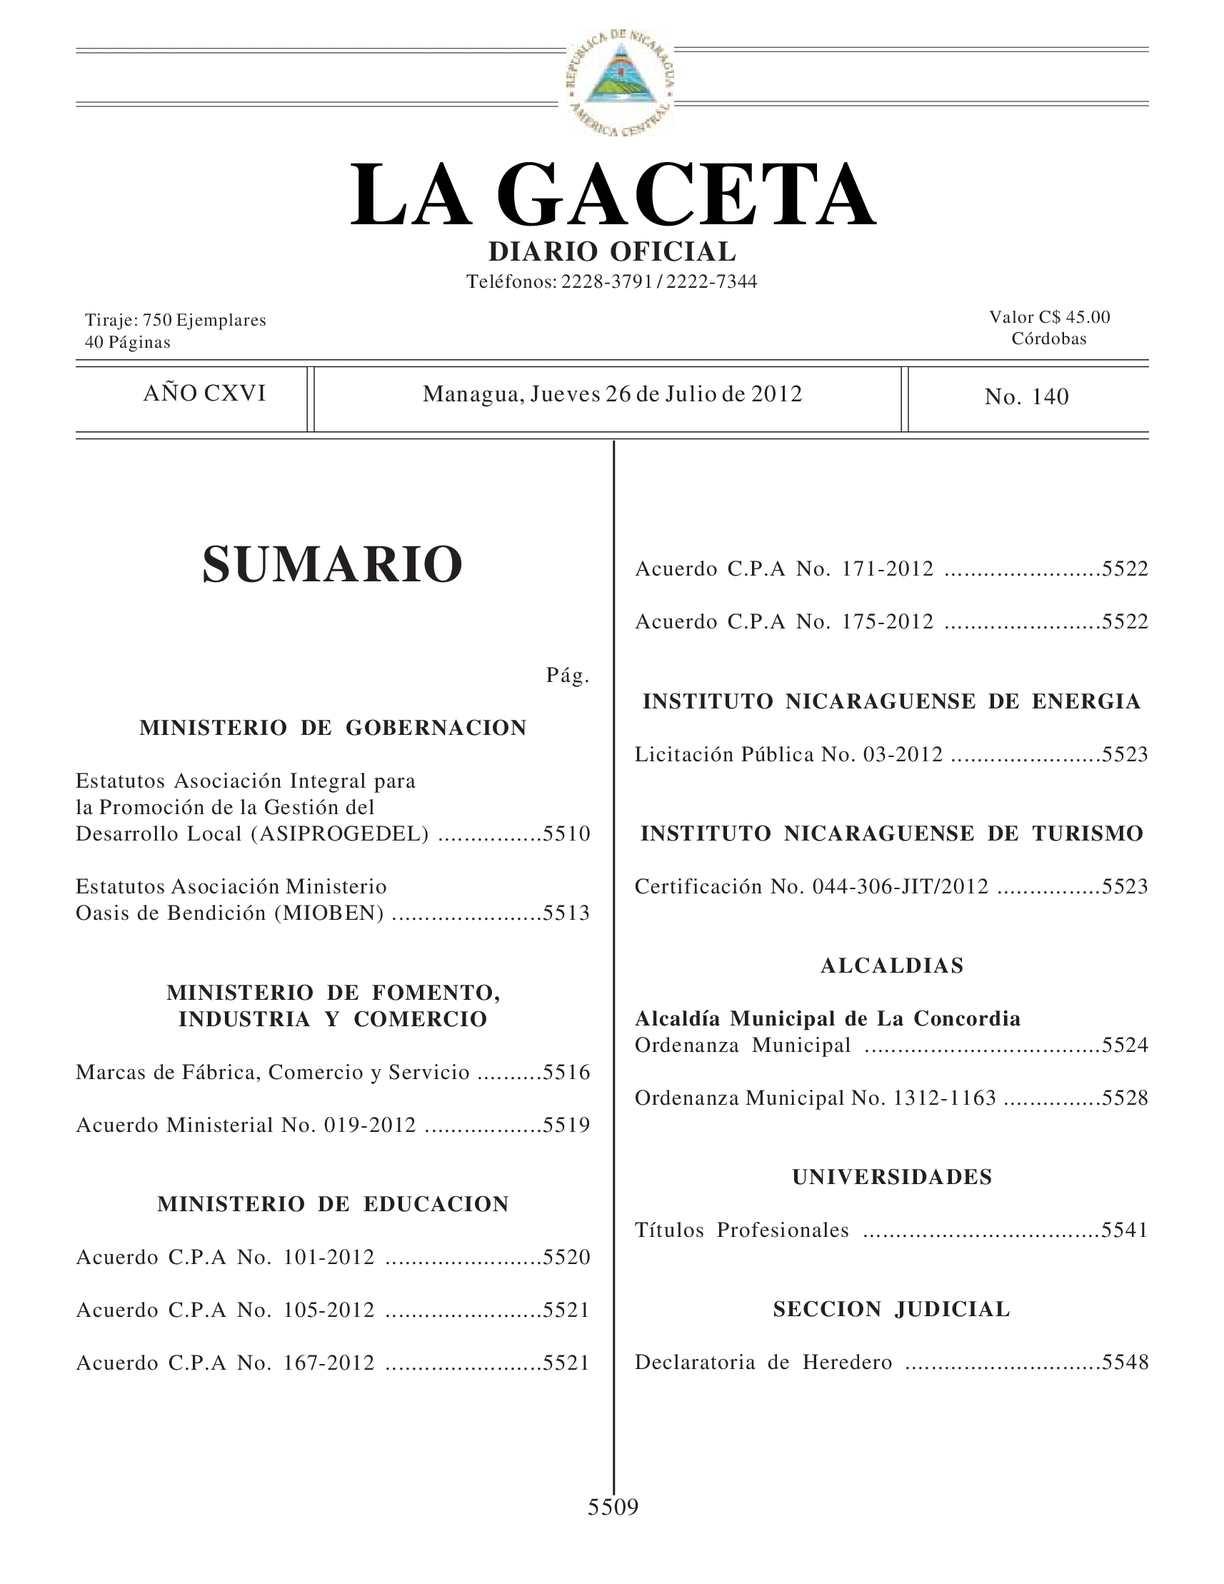 Calaméo - 140 Gaceta, 2012 Jueves 26 De Julio 2012